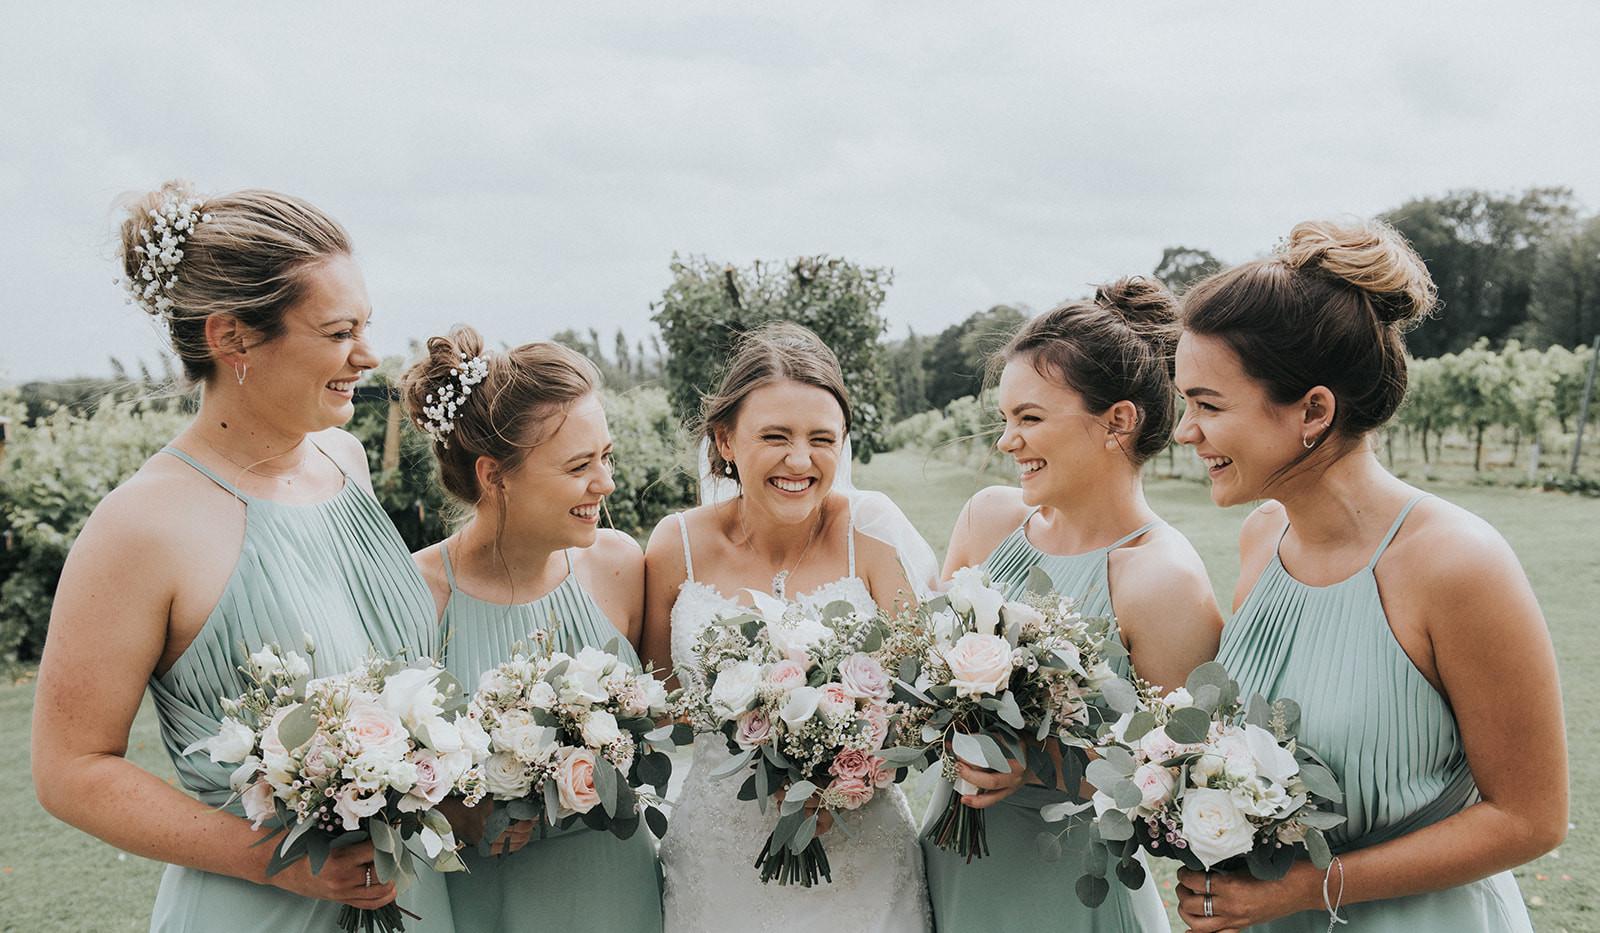 Bride and bridesmaid wedding bouquet